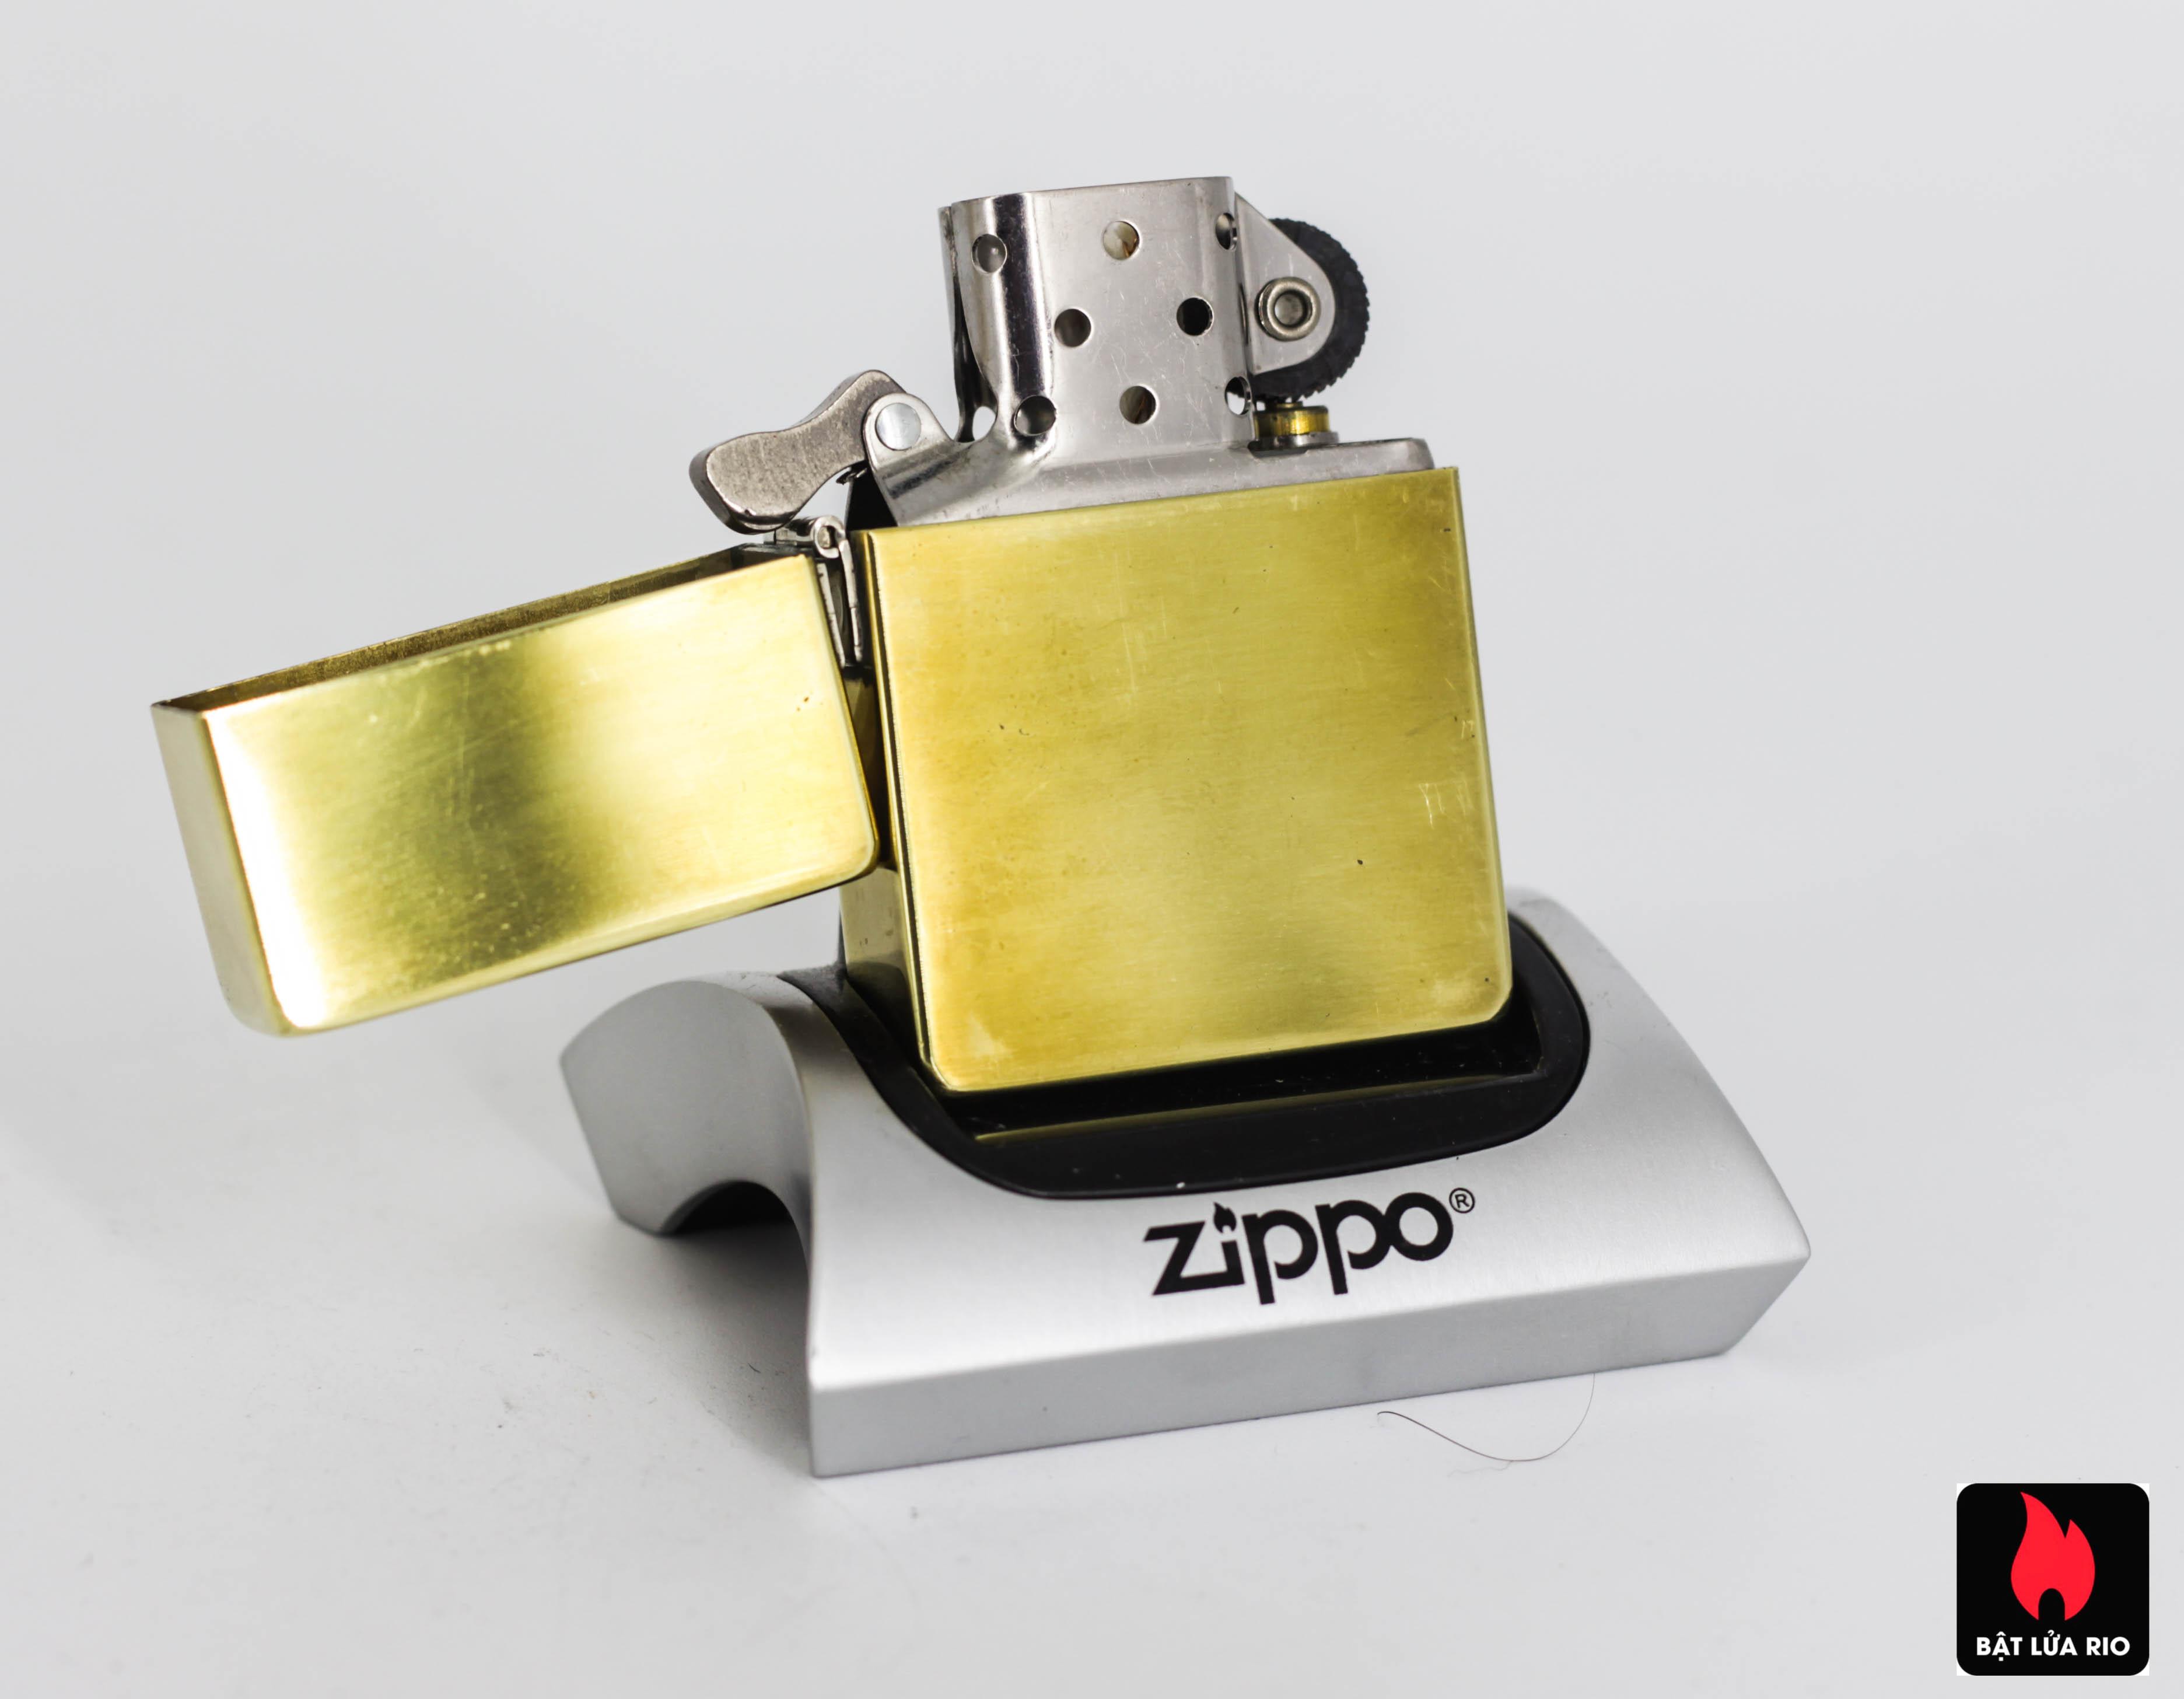 ZIPPO 2008 - REPLICA 1935 - ĐỒNG NGUYÊN KHỐI